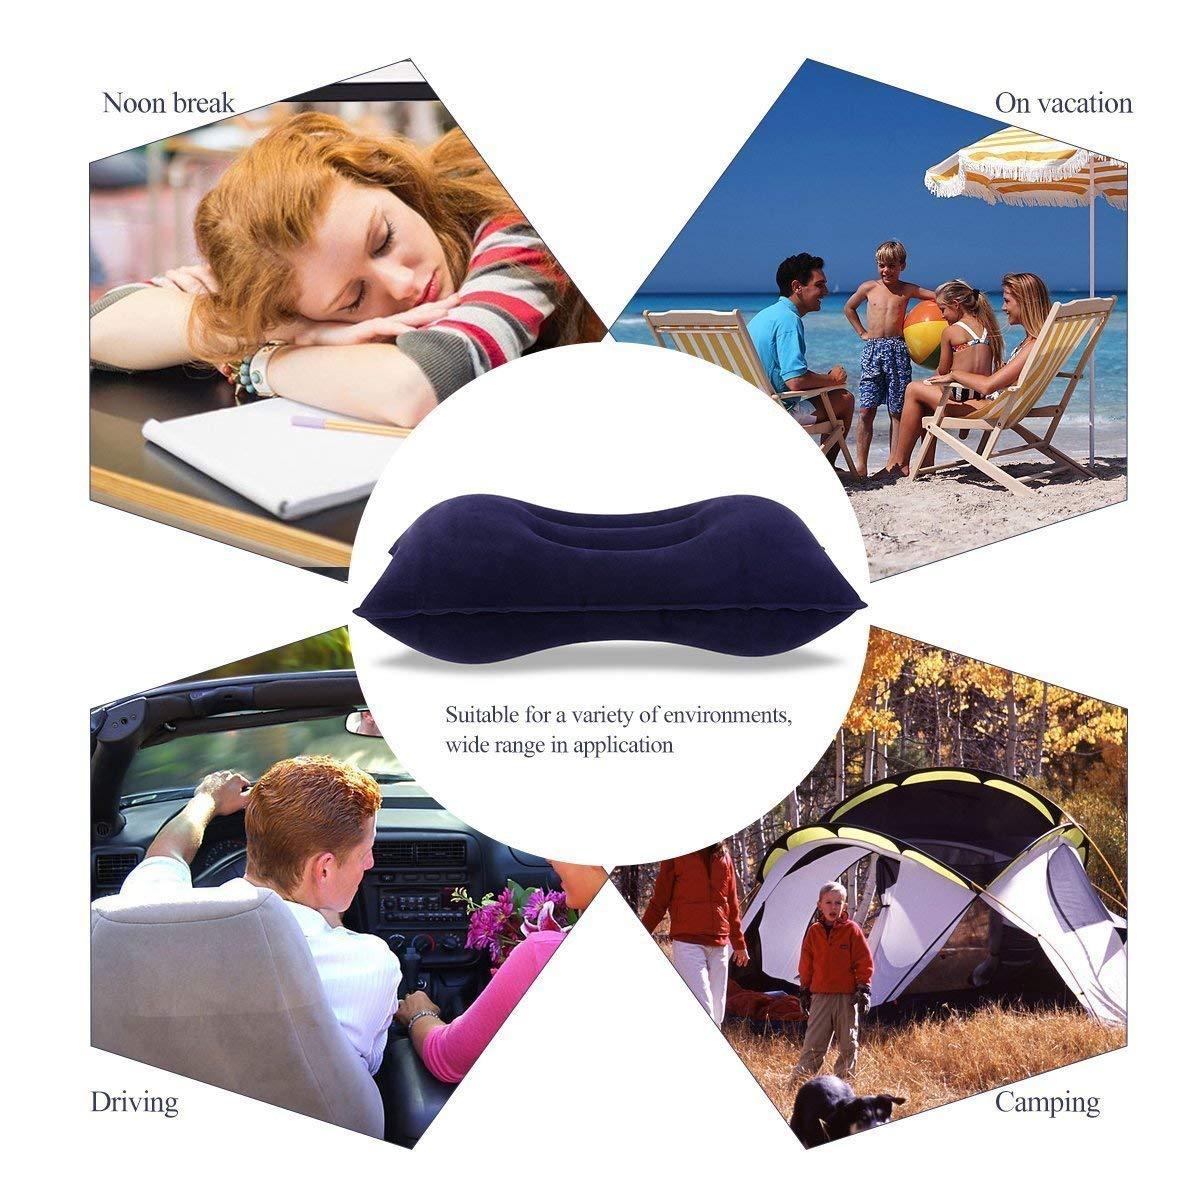 pour 2 x Masque de Sommeil 3D Noir avec Sac pour Camping Bleu INTVN 2 x Oreiller Gonflable Flocage Super /épais Tissu Oreiller de Voyage Portable pour activit/és de Plein air